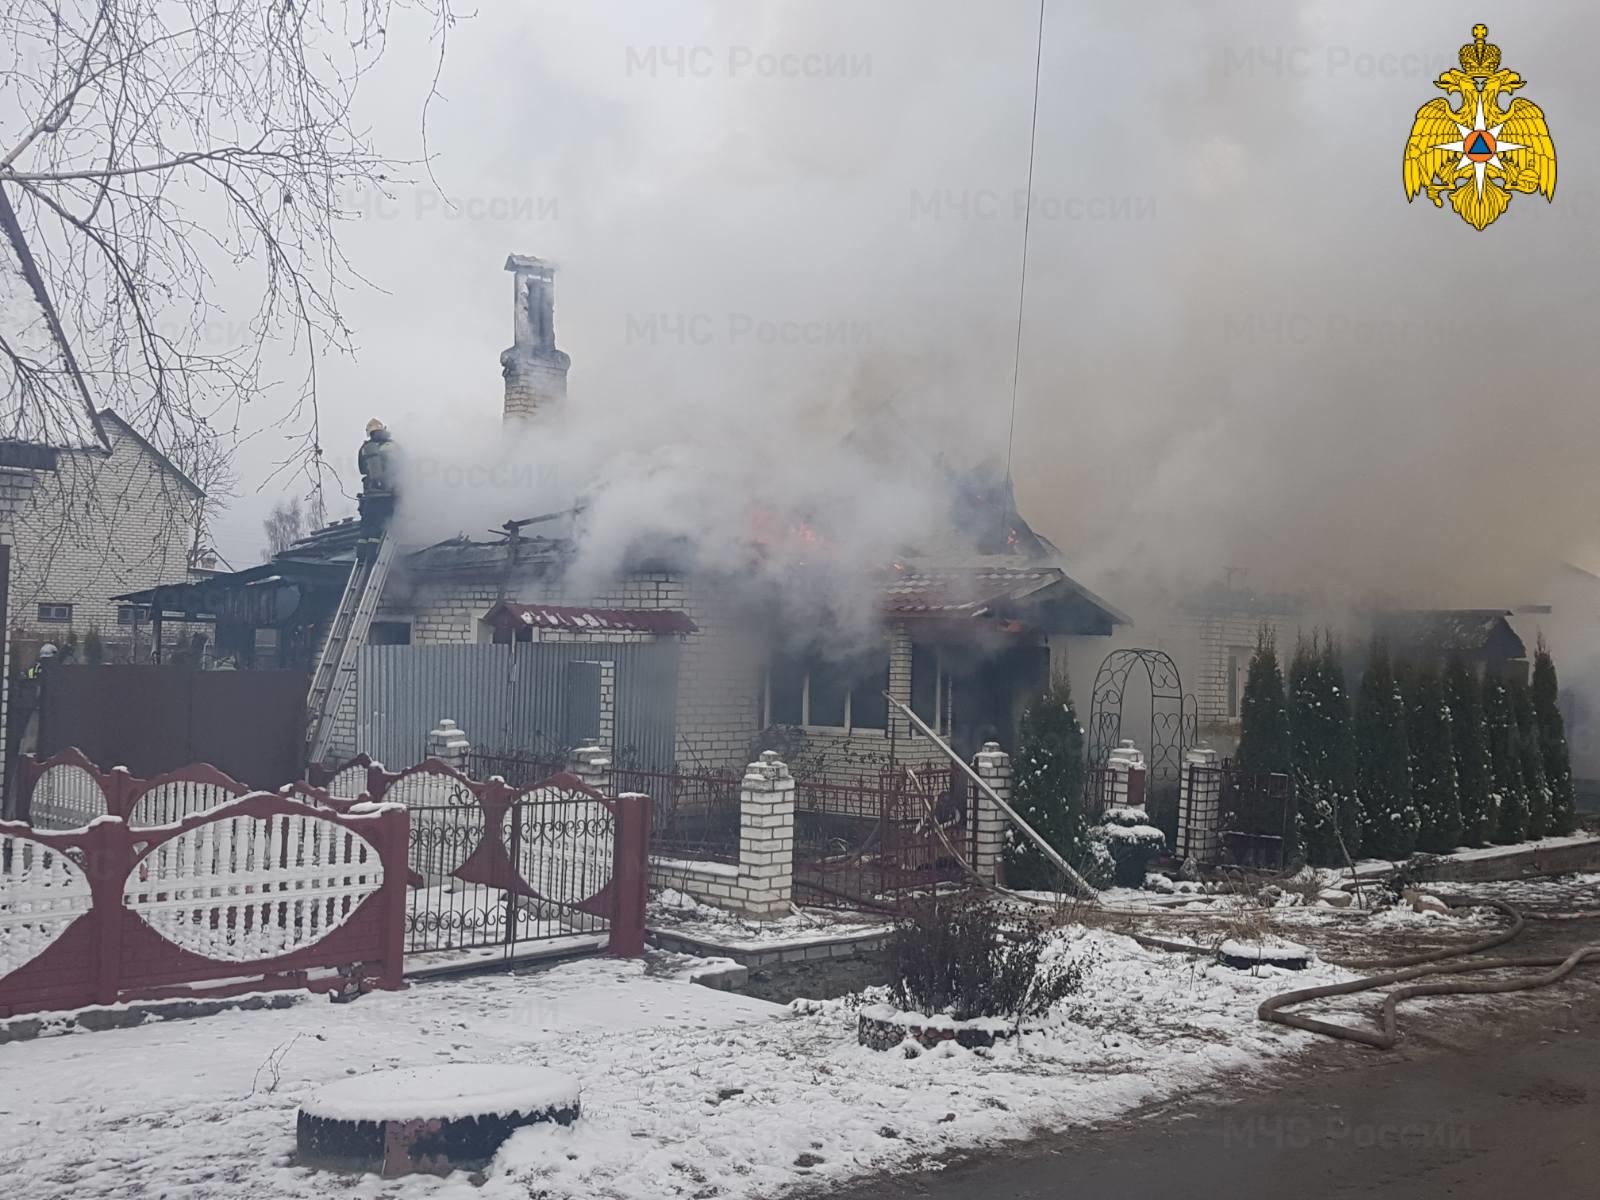 В Брянской области за сутки произошло 4 пожара